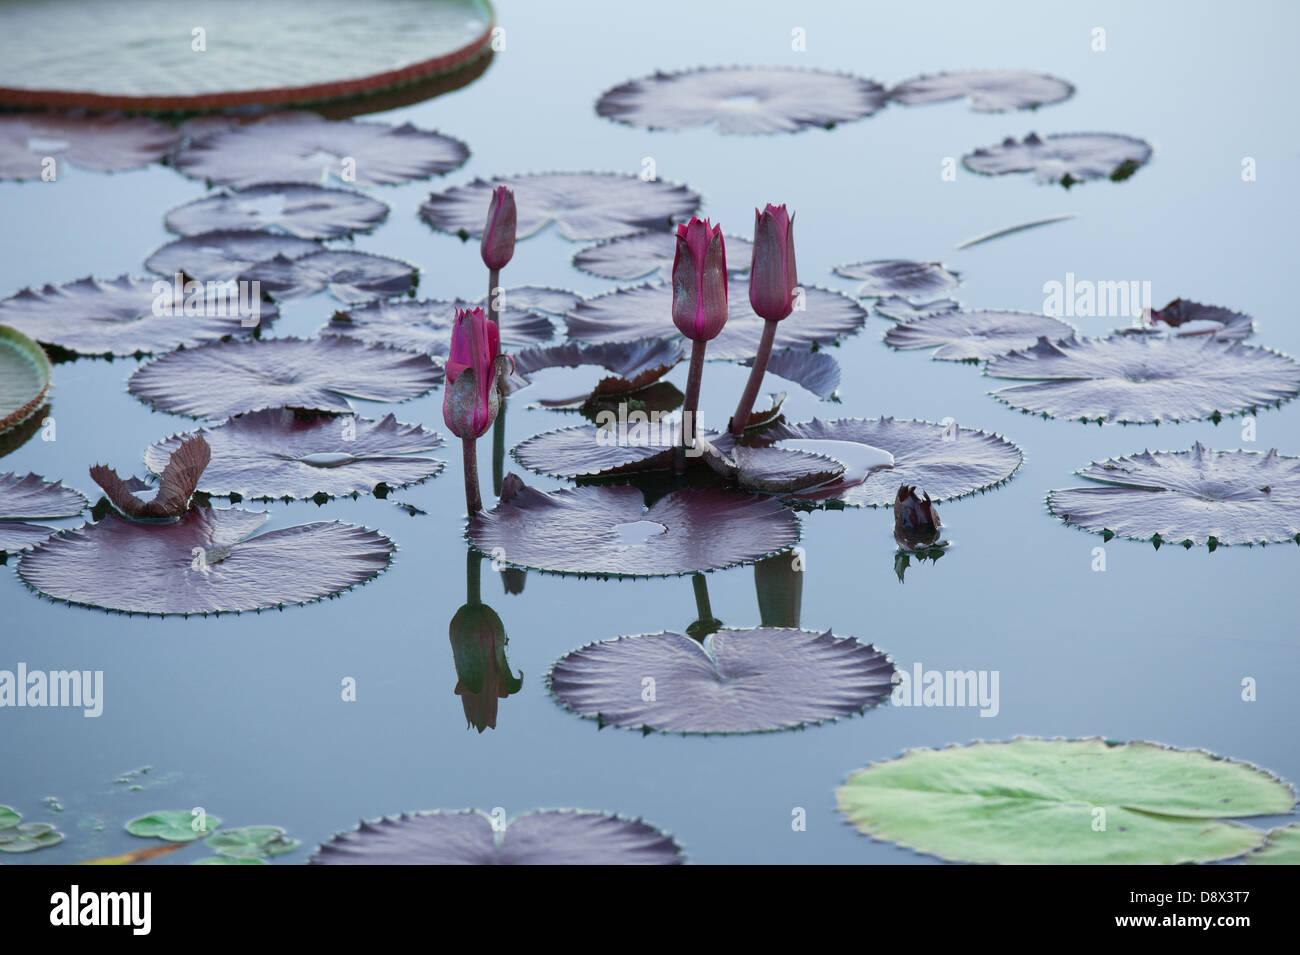 Entspannende Bild Seerosen in blühen in den ruhigen Gewässern des Teiches. Stockbild